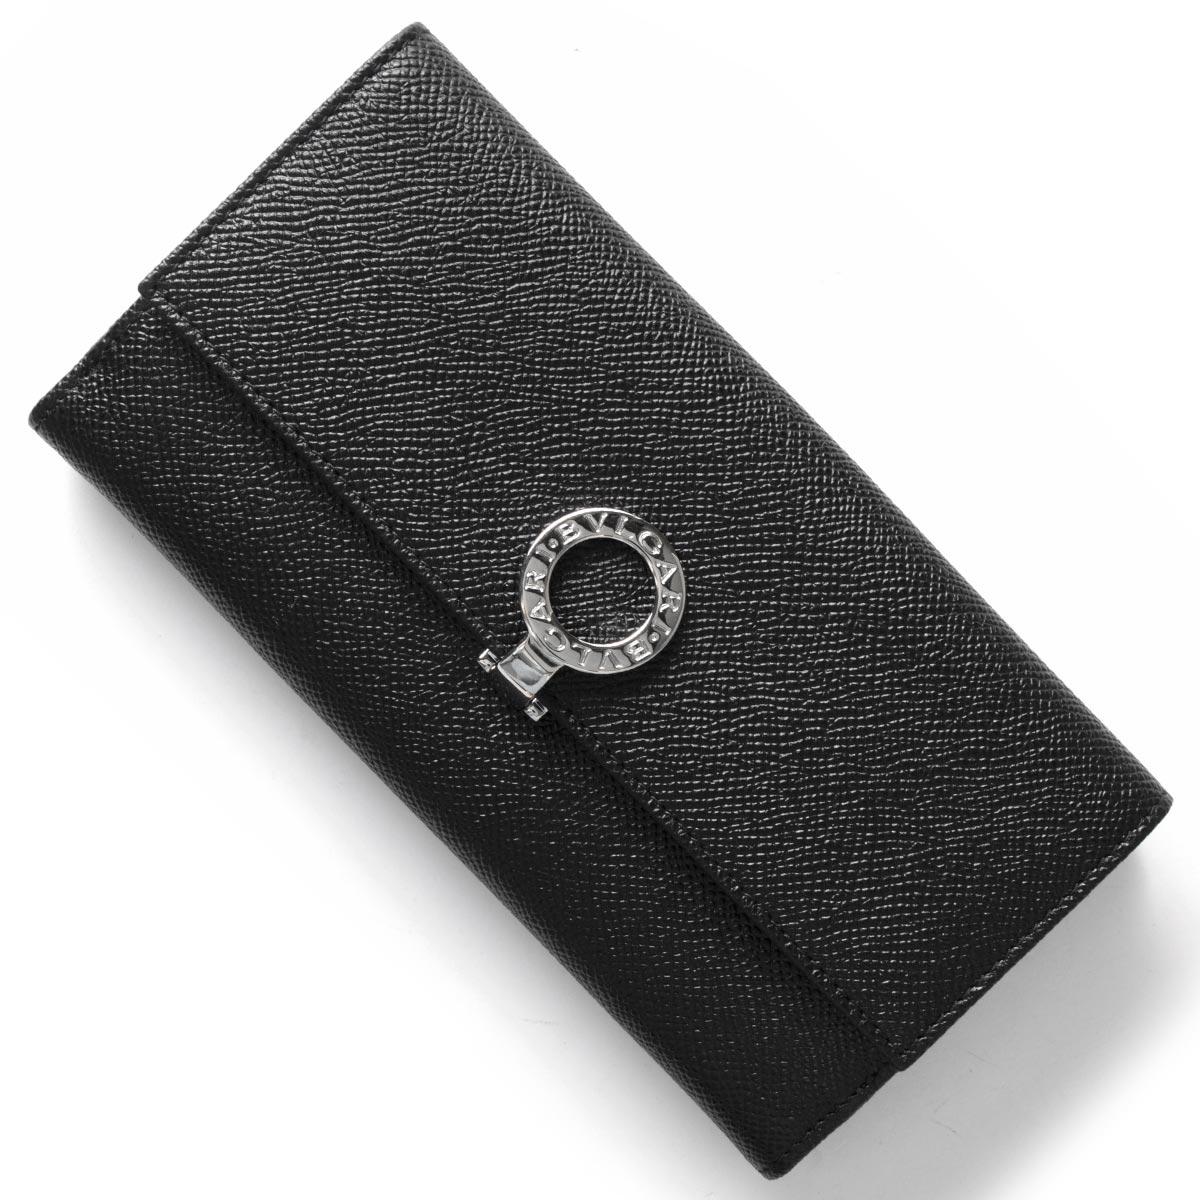 あす楽送料無料 ブルガリ 40%OFFの激安セール 長財布 財布 メンズ レディース ブラック BB BVLGARI 営業 ブルガリブルガリ 30416